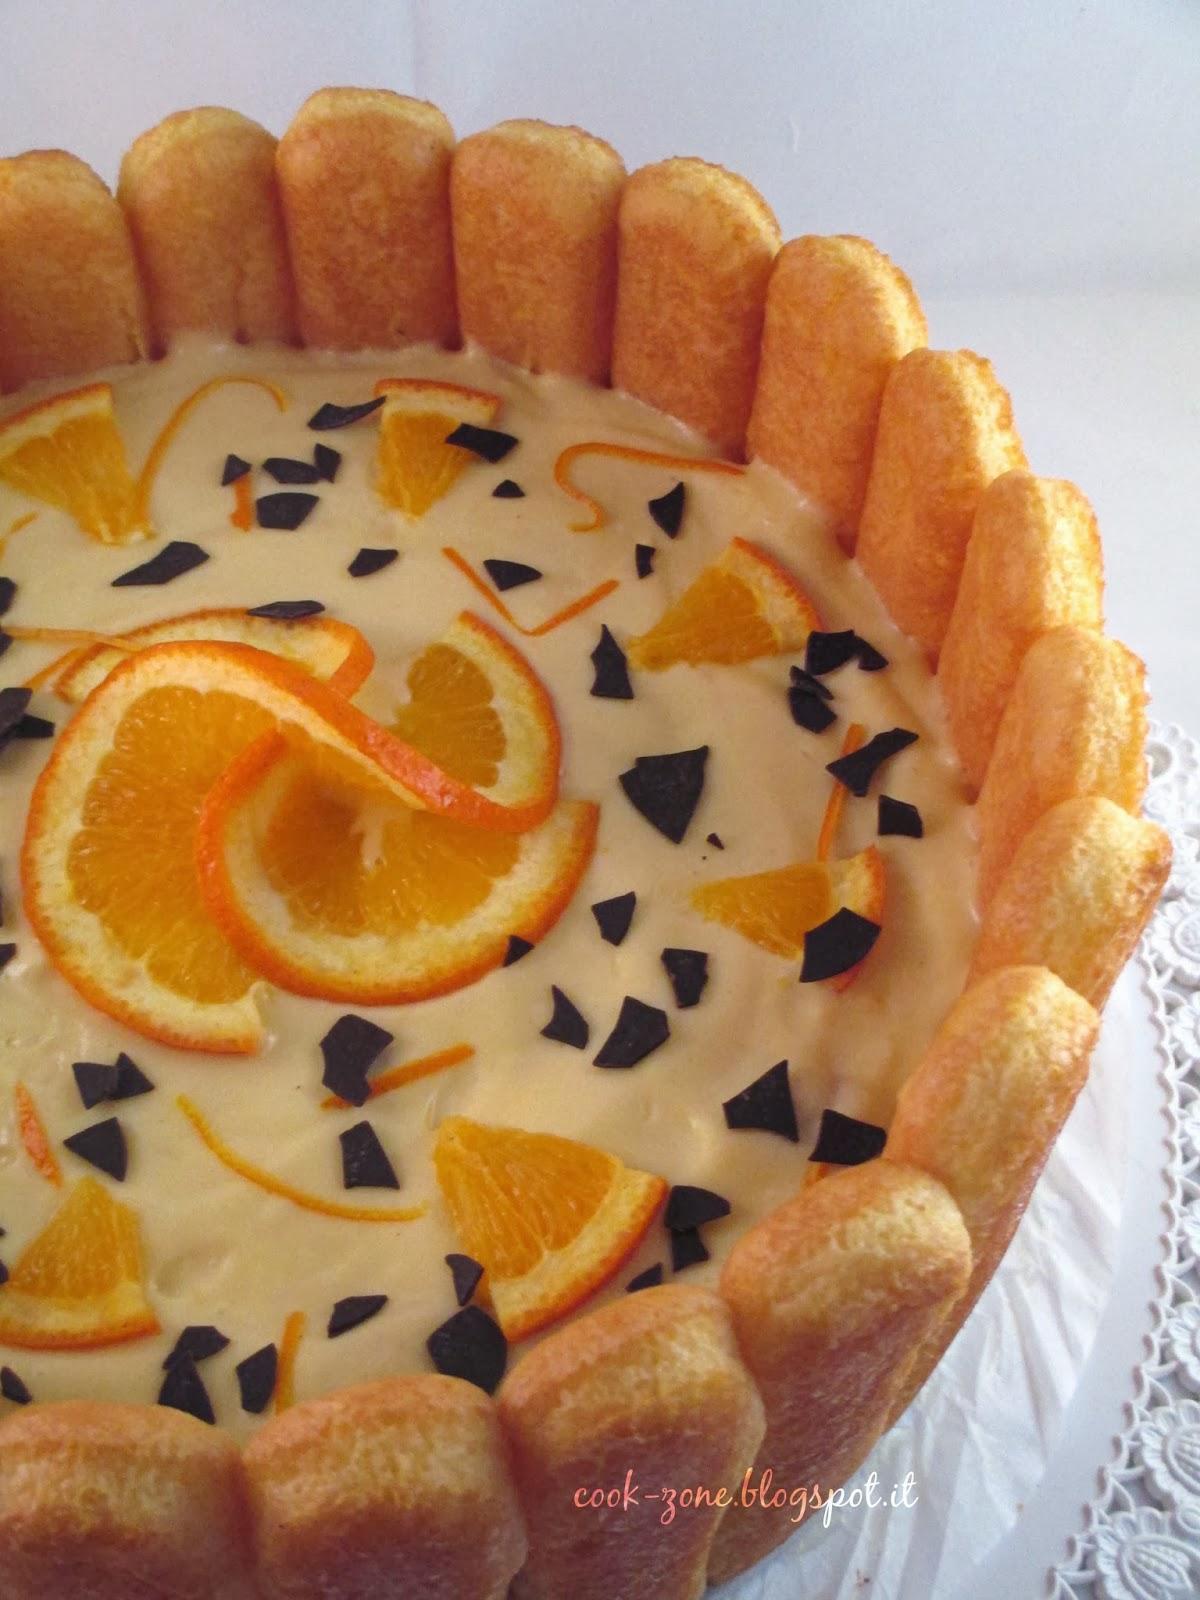 un omaggio alla regina carlotta d'inghilterra: la charlotte all'arancia e cioccolato